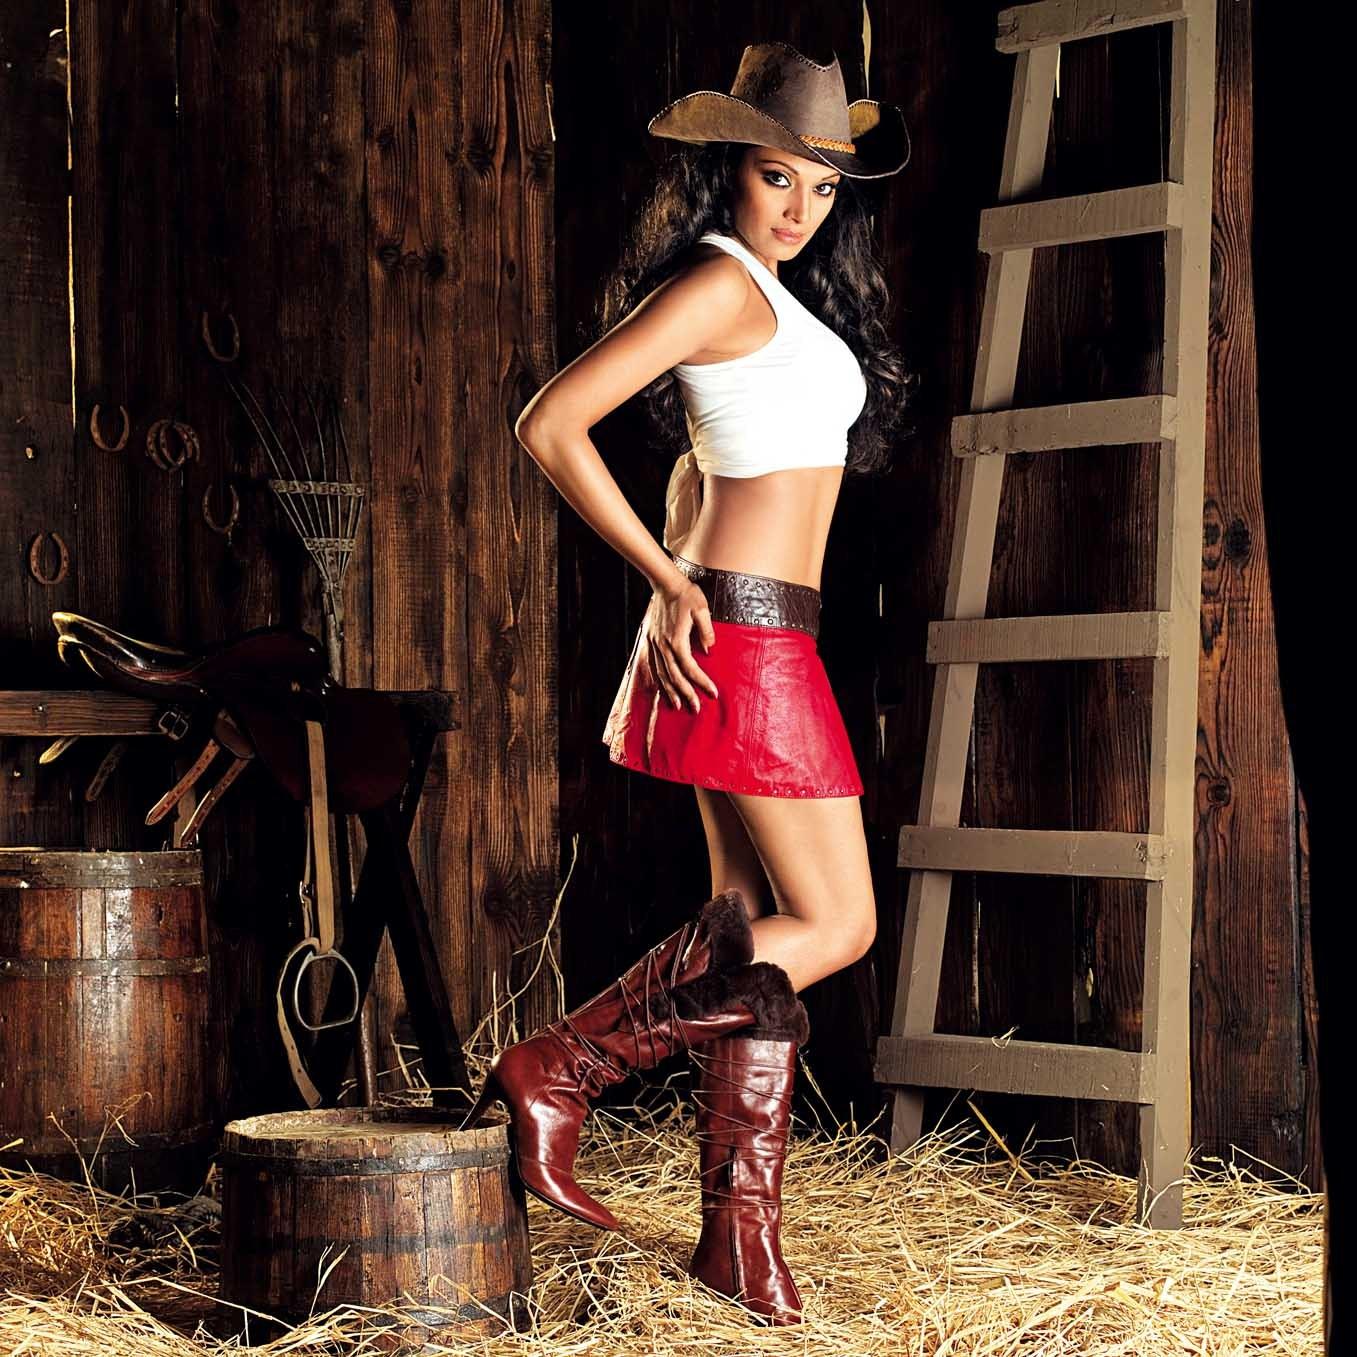 http://3.bp.blogspot.com/-kBNOV-NQ-BI/TueG2Fa1K4I/AAAAAAAAK4A/PgljqTR-_wk/s1600/Bipasha_Basu%2B_beautiful_girl_Wallpapers_legs.jpg